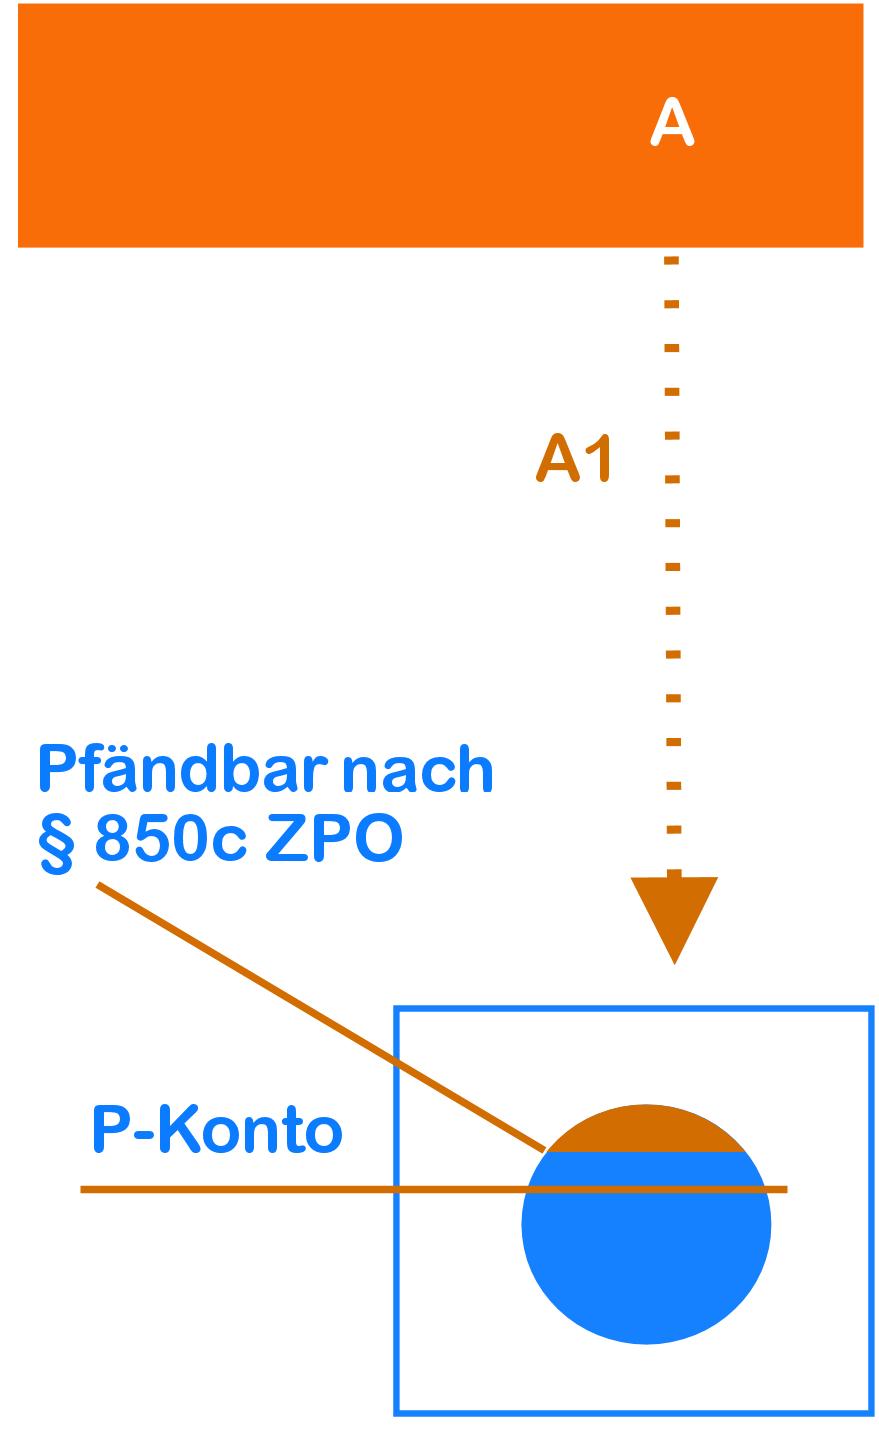 Schema Kontopfändung P-Konto-Schutz und § 850c ZPO